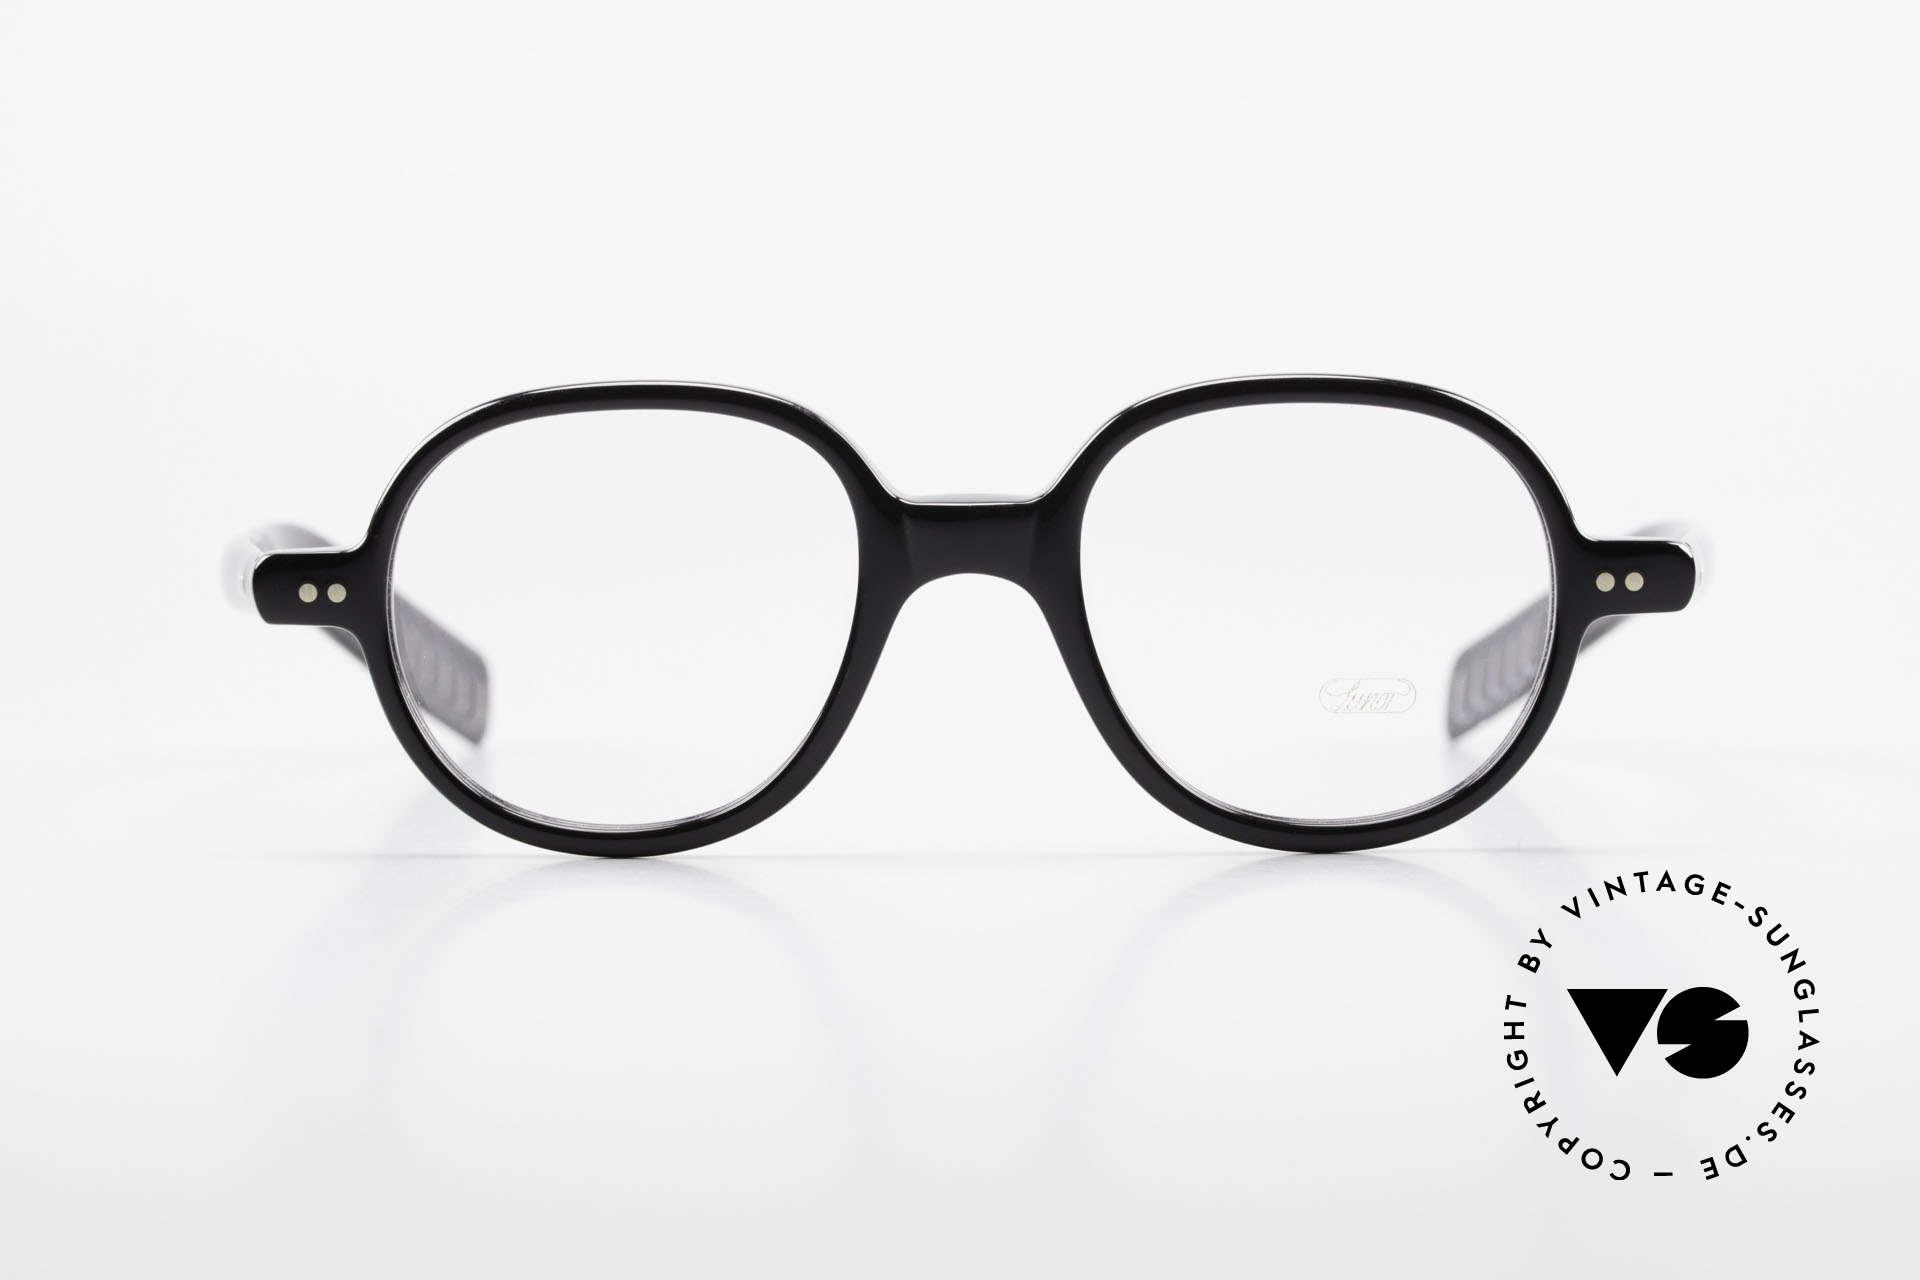 Lunor A50 Runde Lunor Acetatbrille Panto, Nietscharniere und zehntelmillimetergenau gefräst, Passend für Herren und Damen